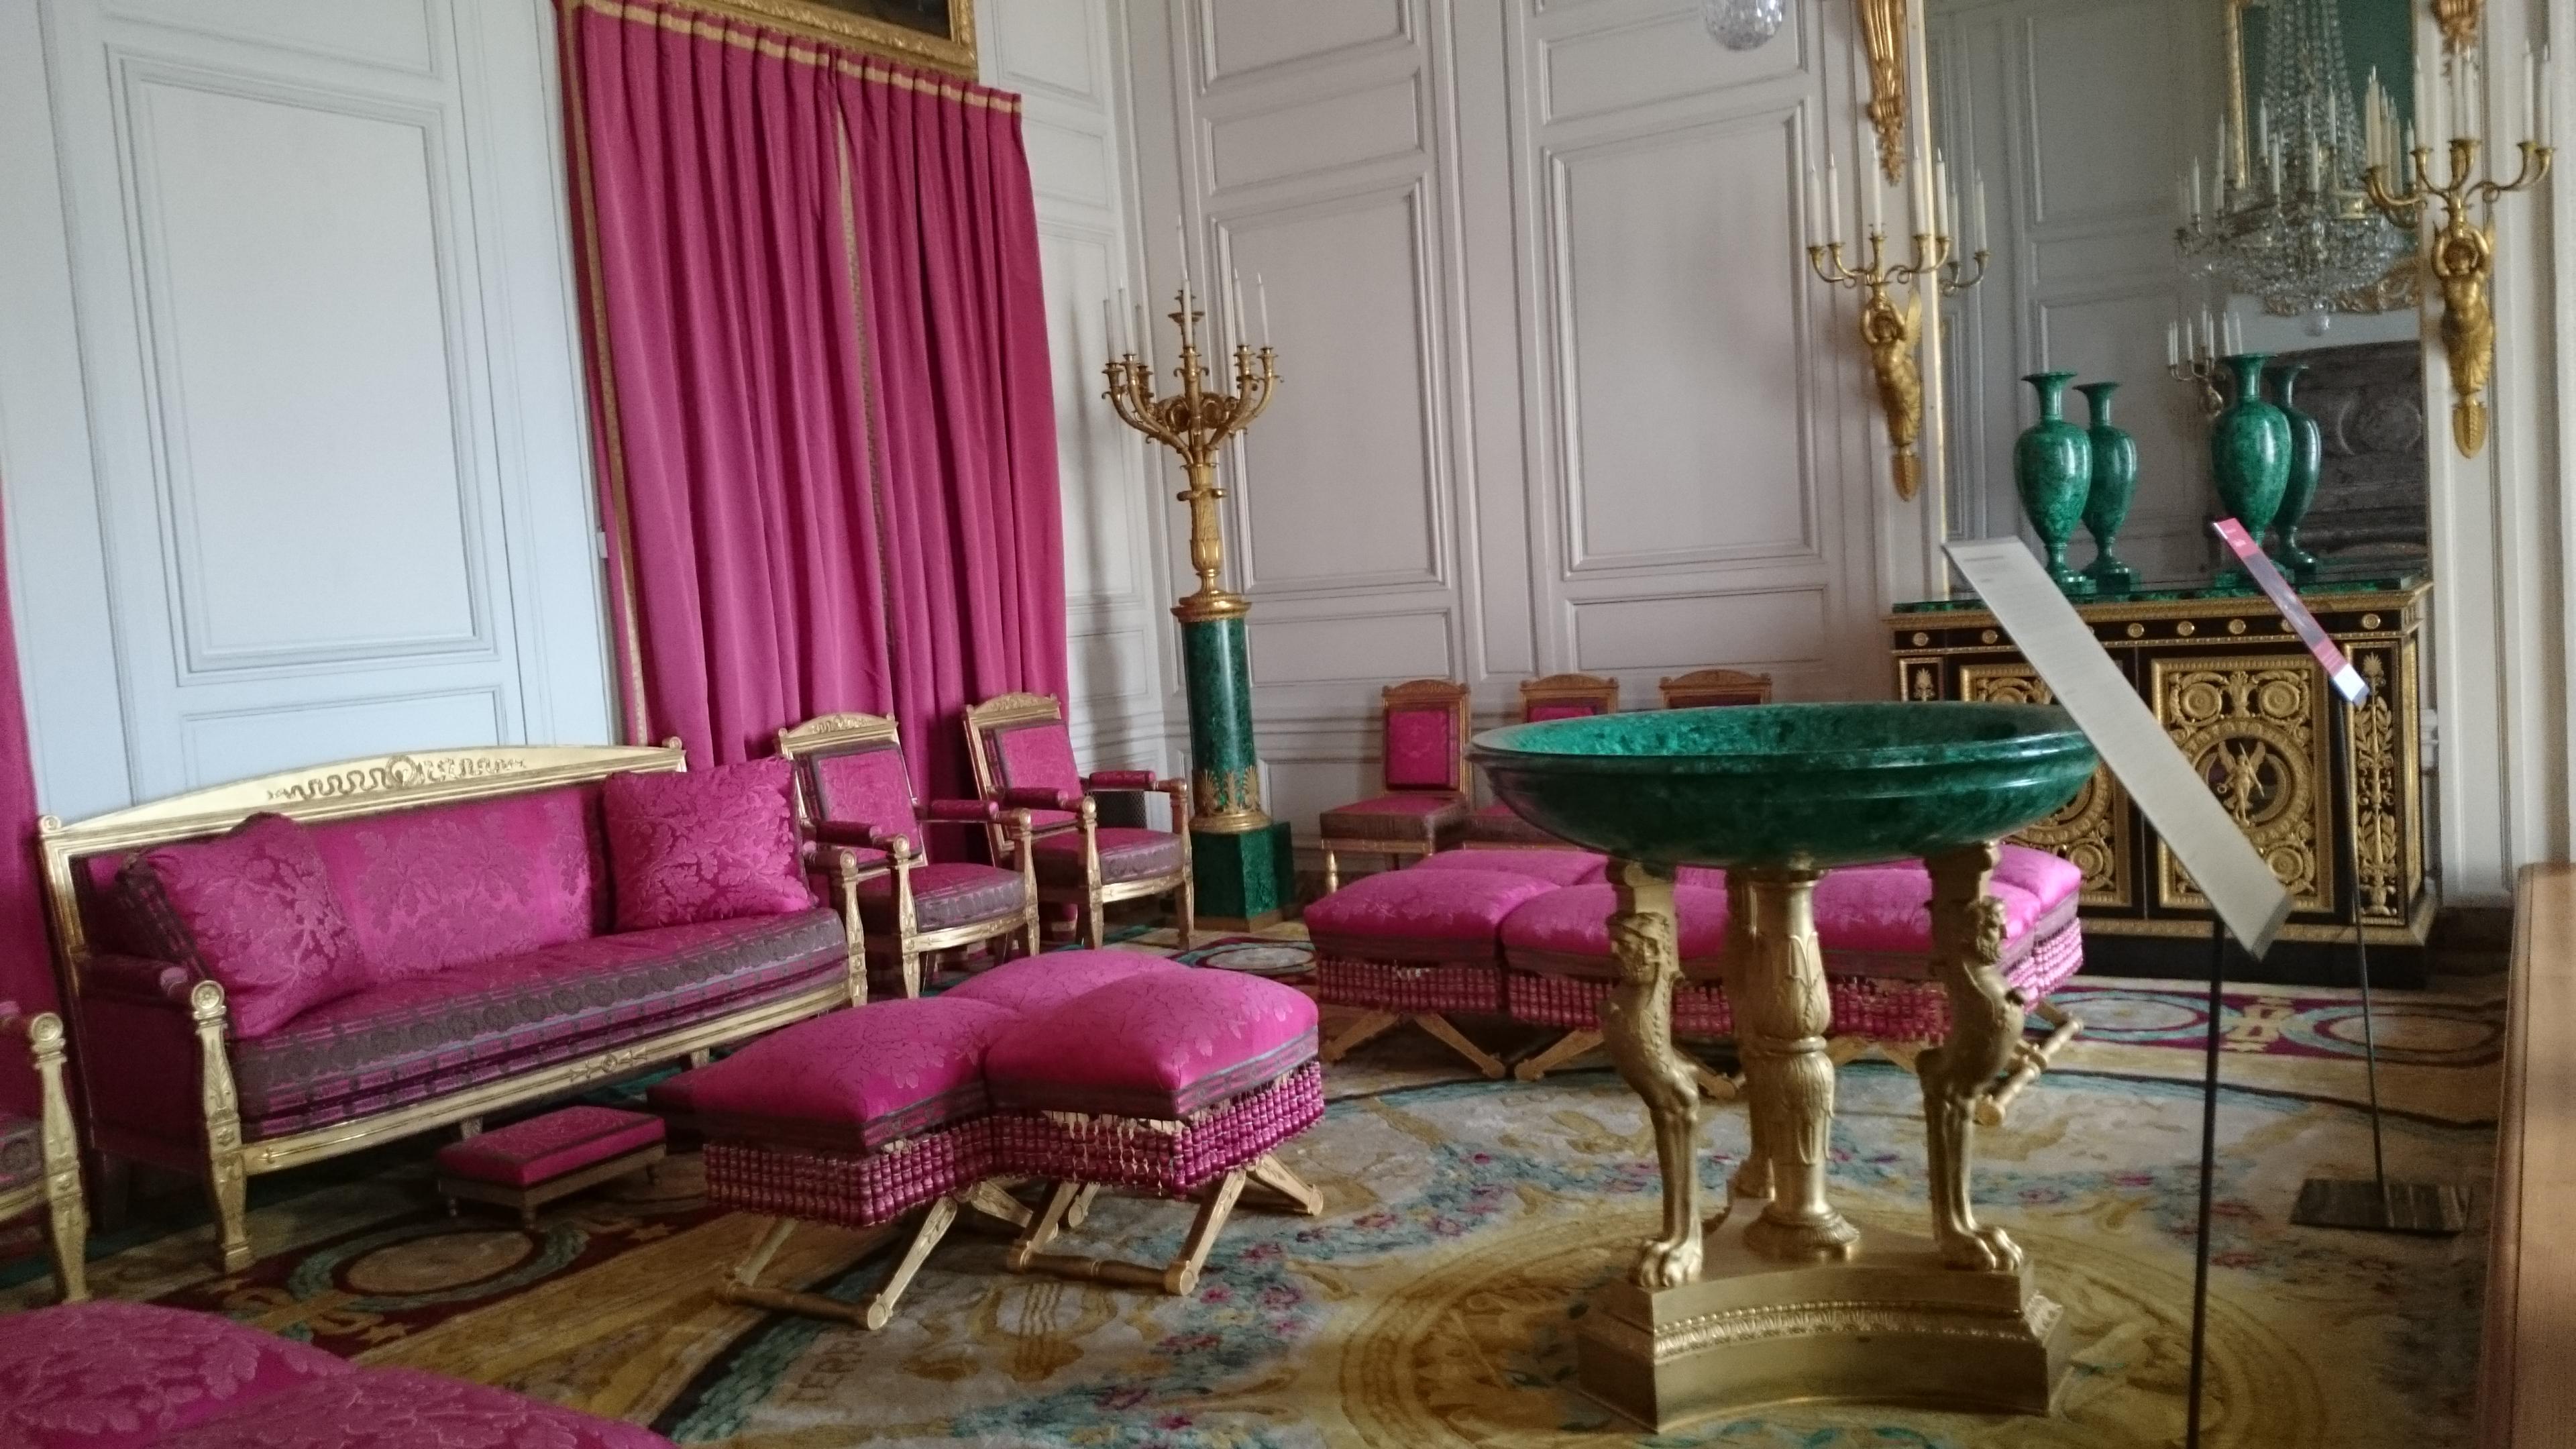 dsc 1225 - Visita al Palacio de Versalles: Como ir, cuanto cuesta y tips II/III